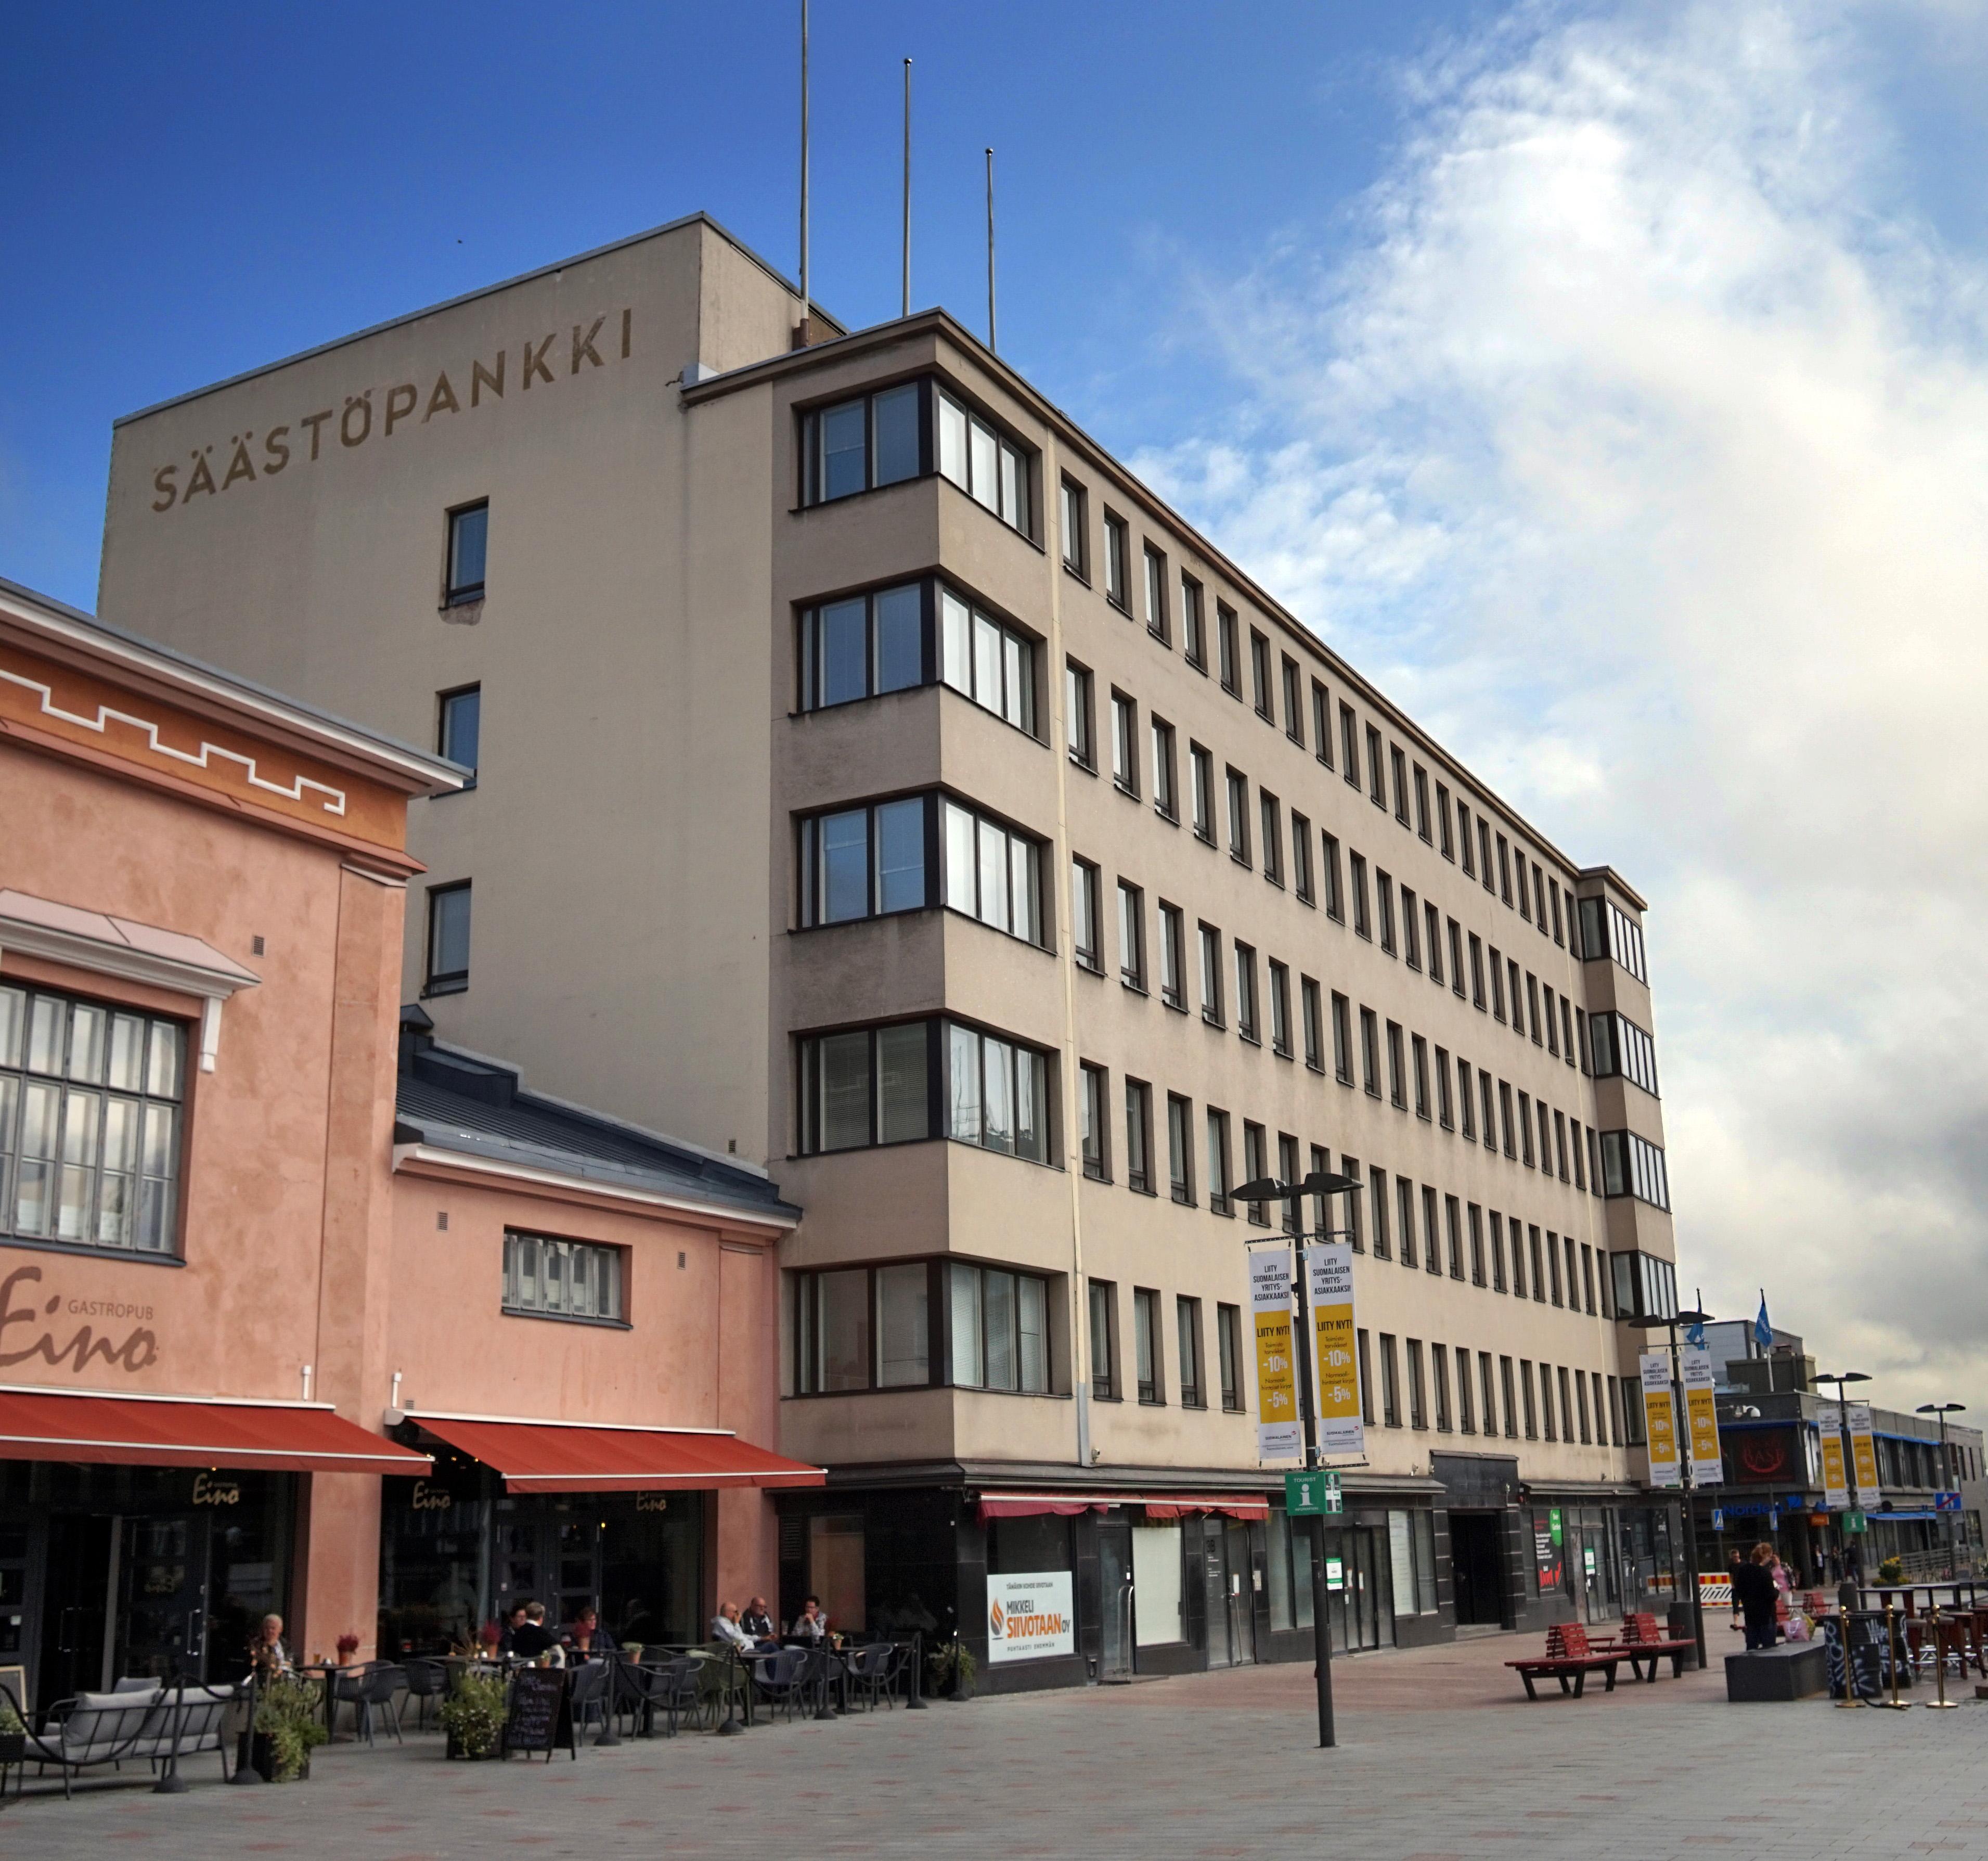 Mikkeli Säästöpankki.jpg